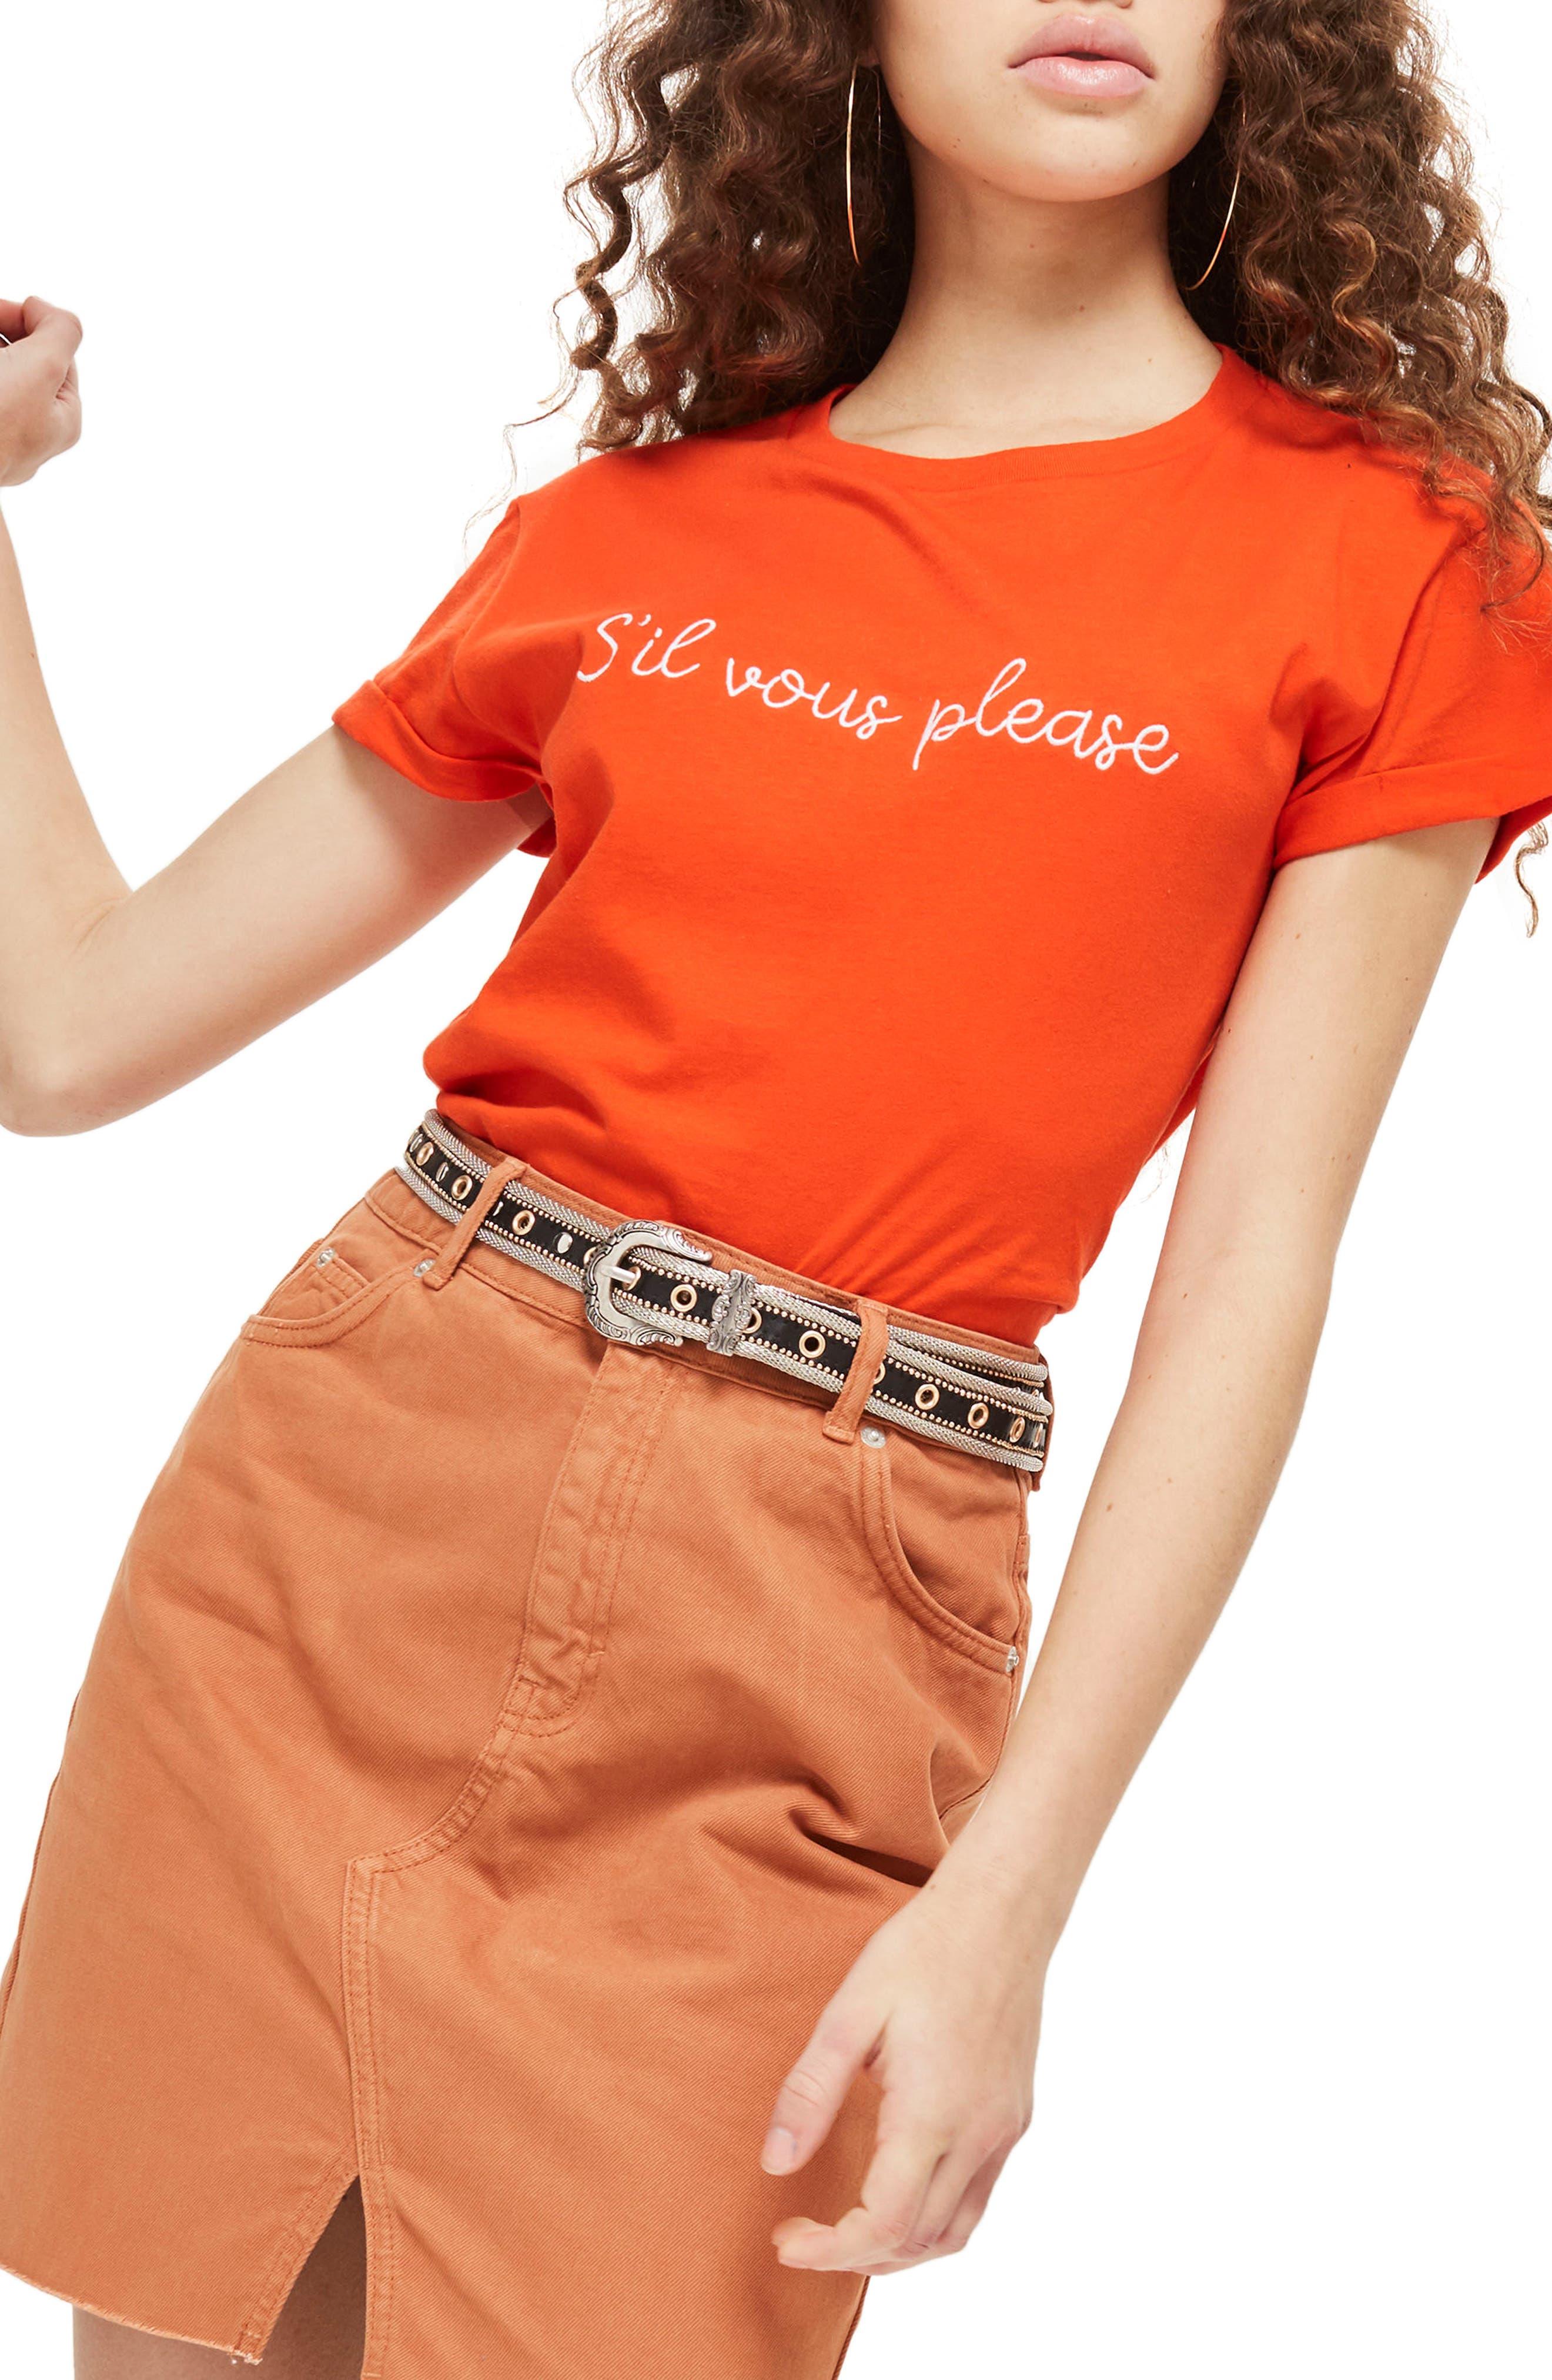 Sil Vous Please Slogan T-Shirt,                             Main thumbnail 1, color,                             600